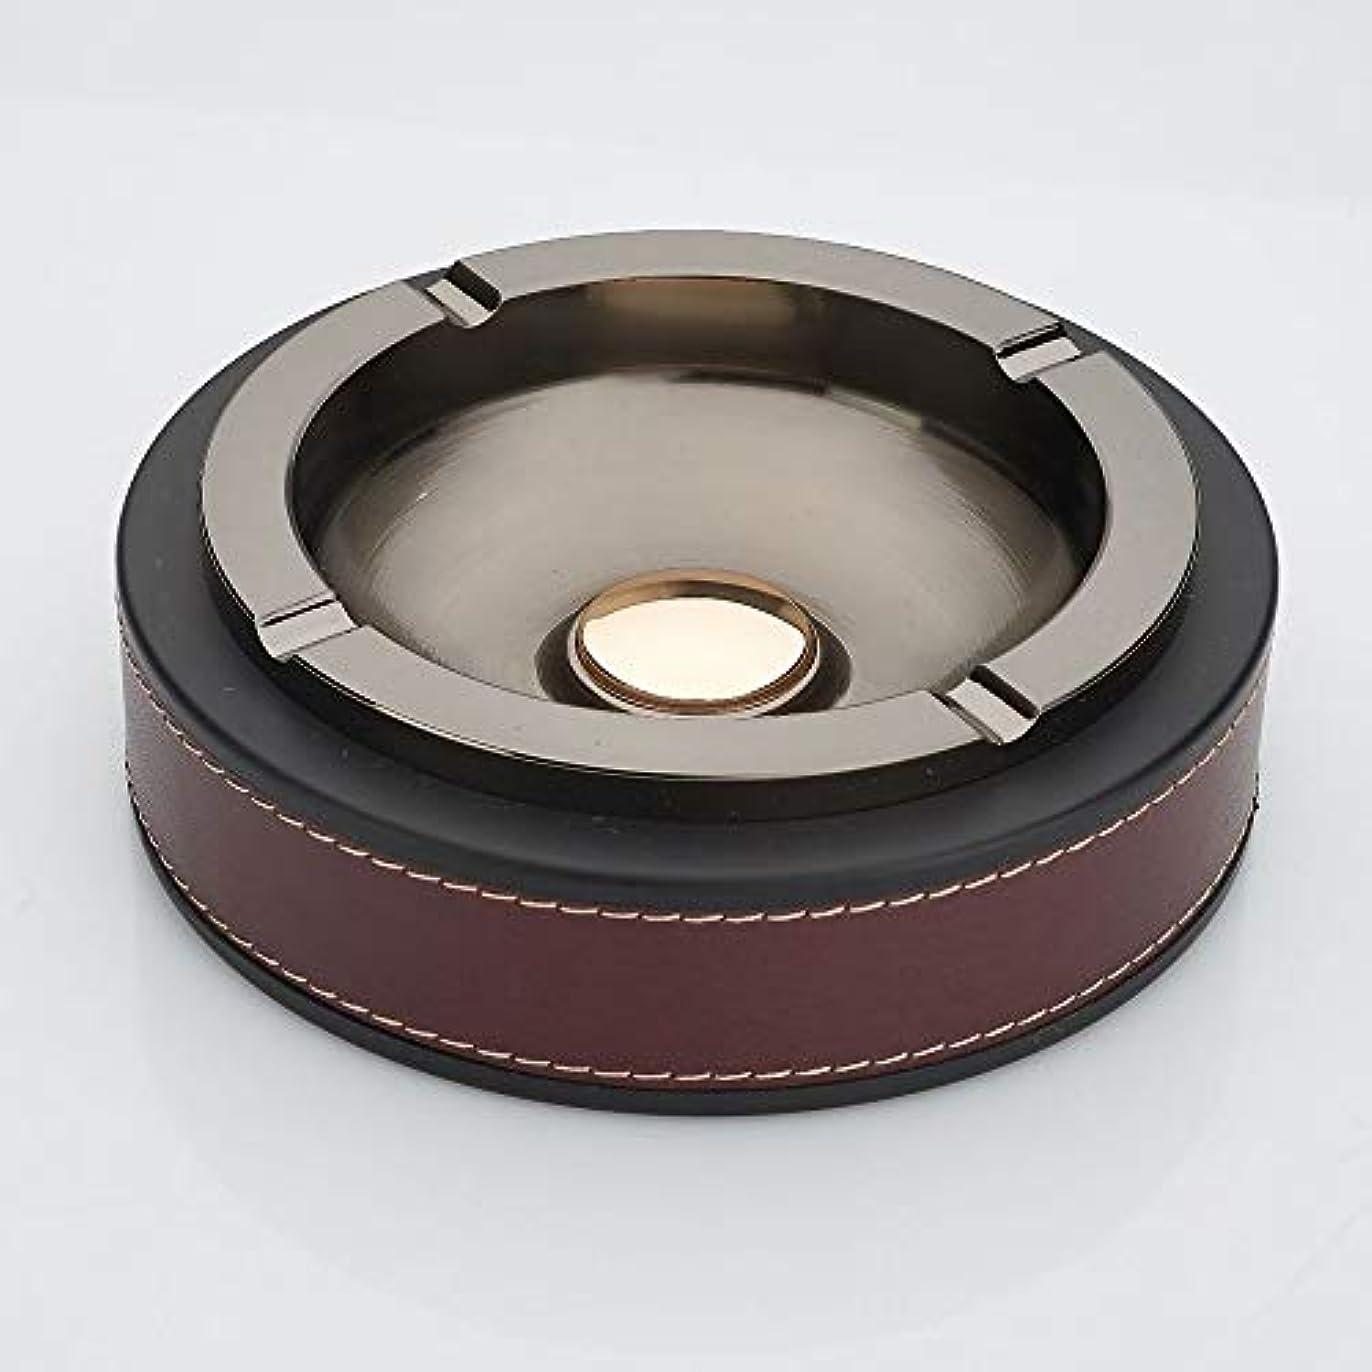 ベーリング海峡主張粒子タバコの灰皿クリエイティブ灰皿ホームデコレーション (色 : 赤)